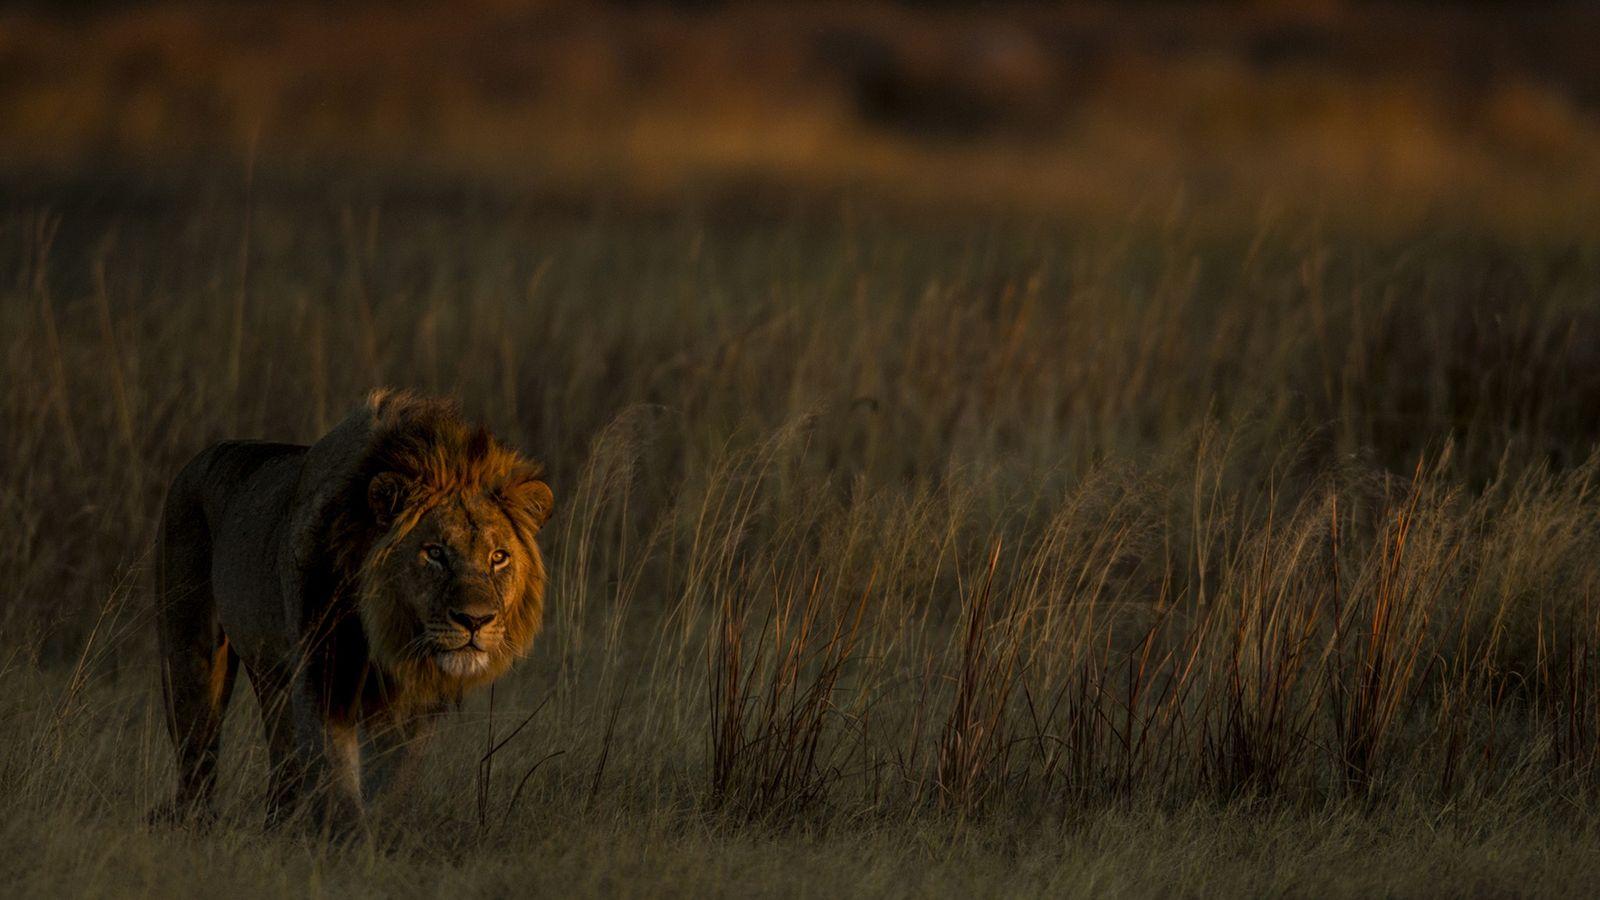 Quando a caça finalmente cessou no que atualmente é a reserva Selinda, sobraram duas leoas. Hoje, ...